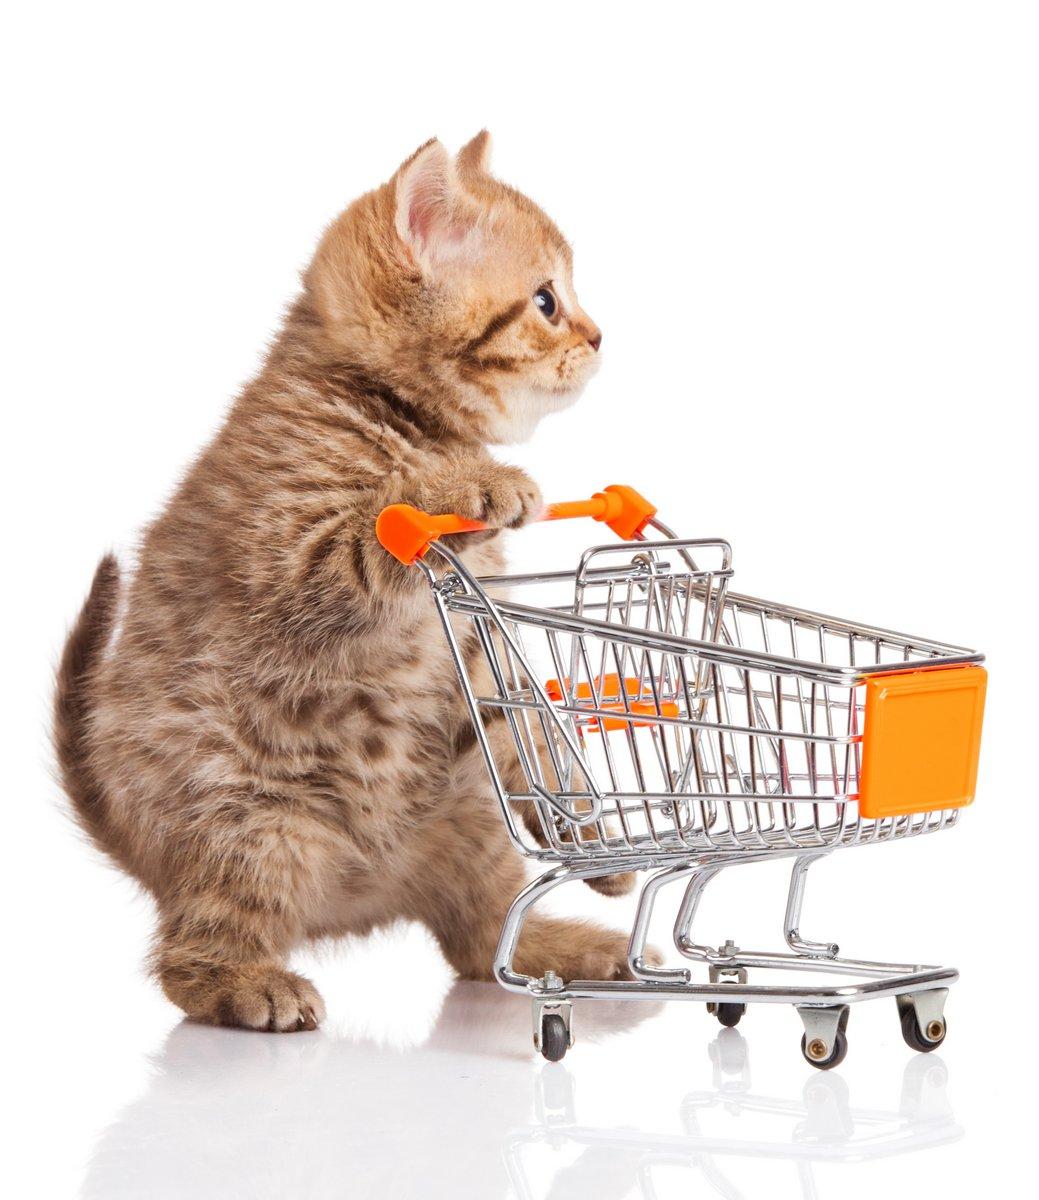 Британская кошка с корзиной на белом. котенок osolate, 20x23 см, на бумагеКошки<br>Постер на холсте или бумаге. Любого нужного вам размера. В раме или без. Подвес в комплекте. Трехслойная надежная упаковка. Доставим в любую точку России. Вам осталось только повесить картину на стену!<br>